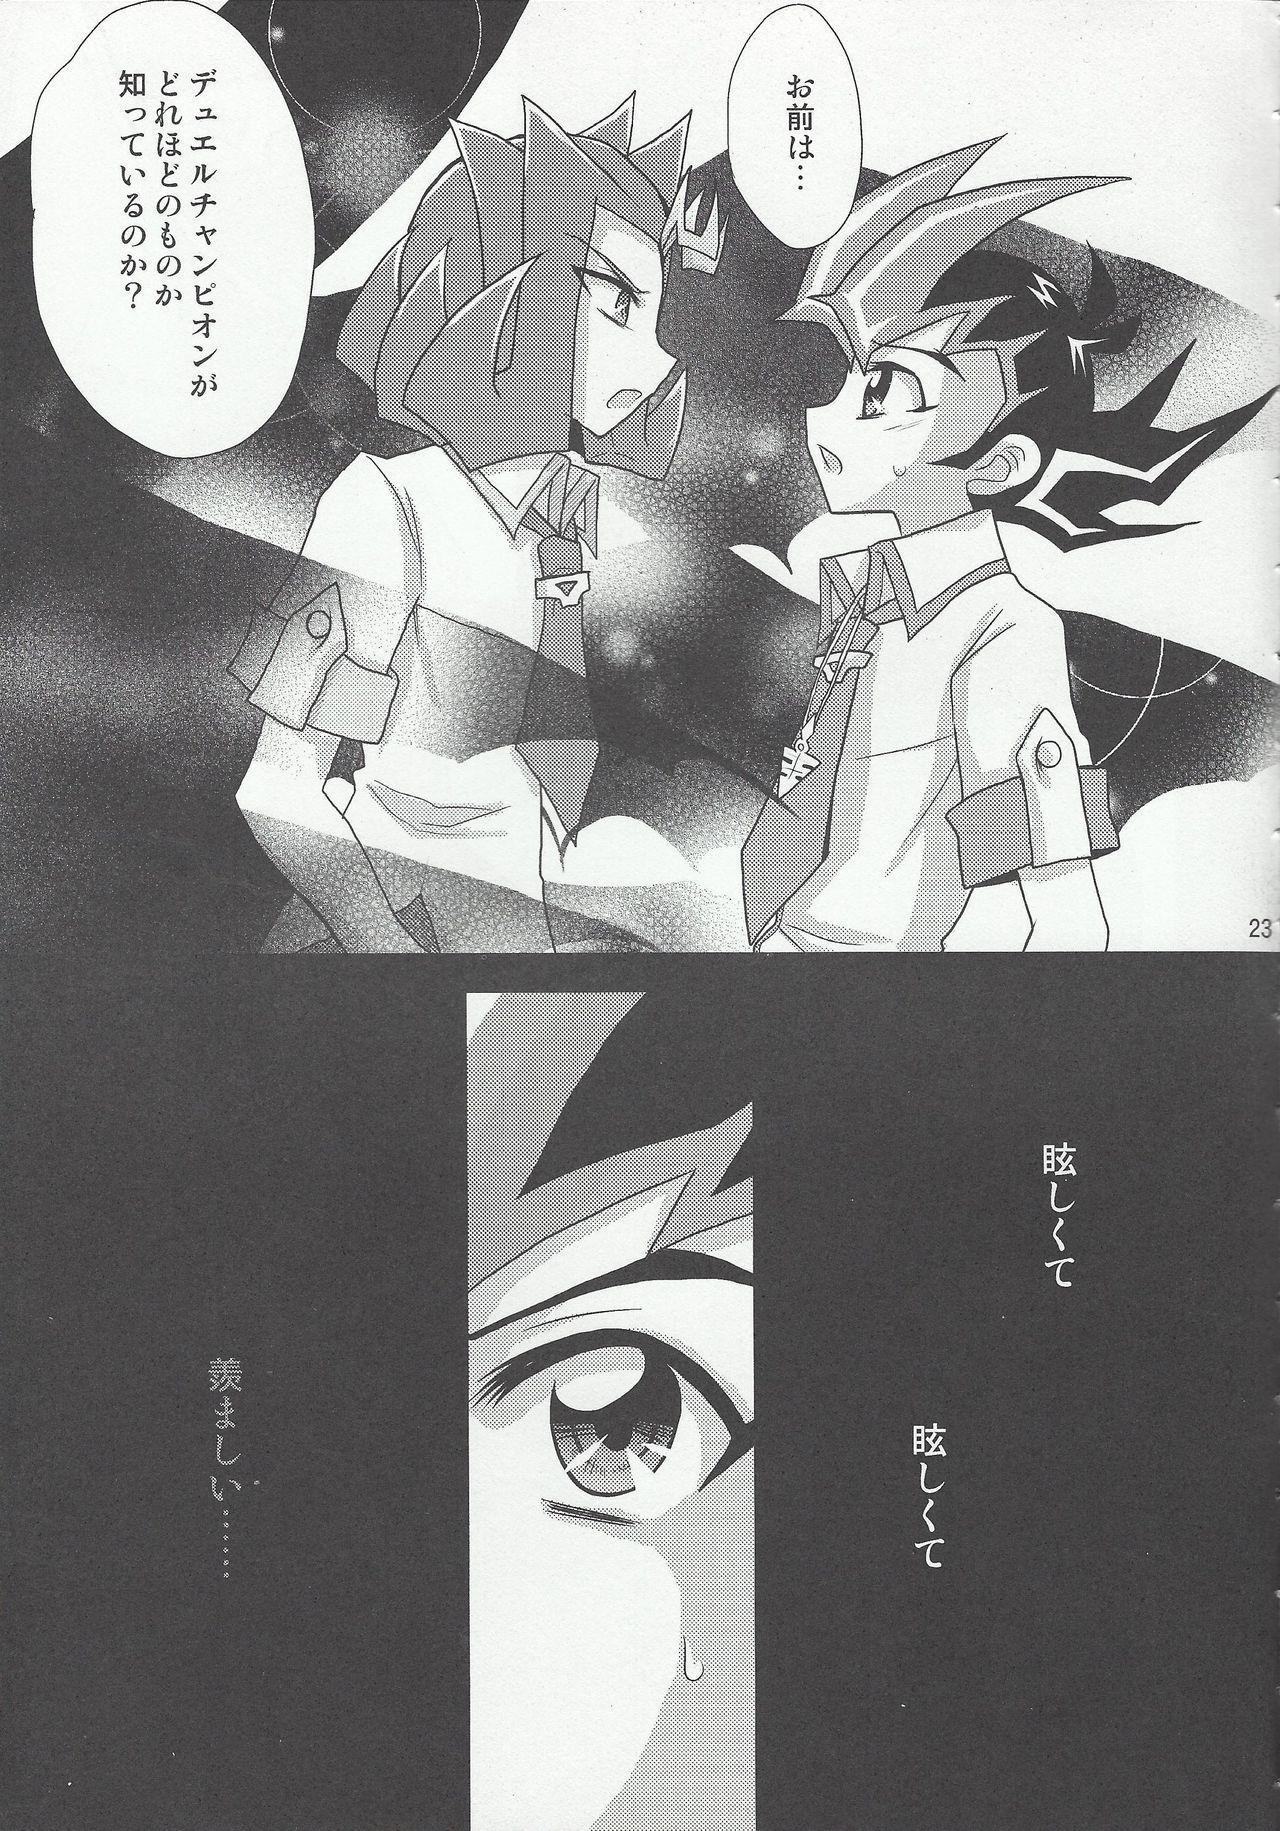 Ryoujoku 23